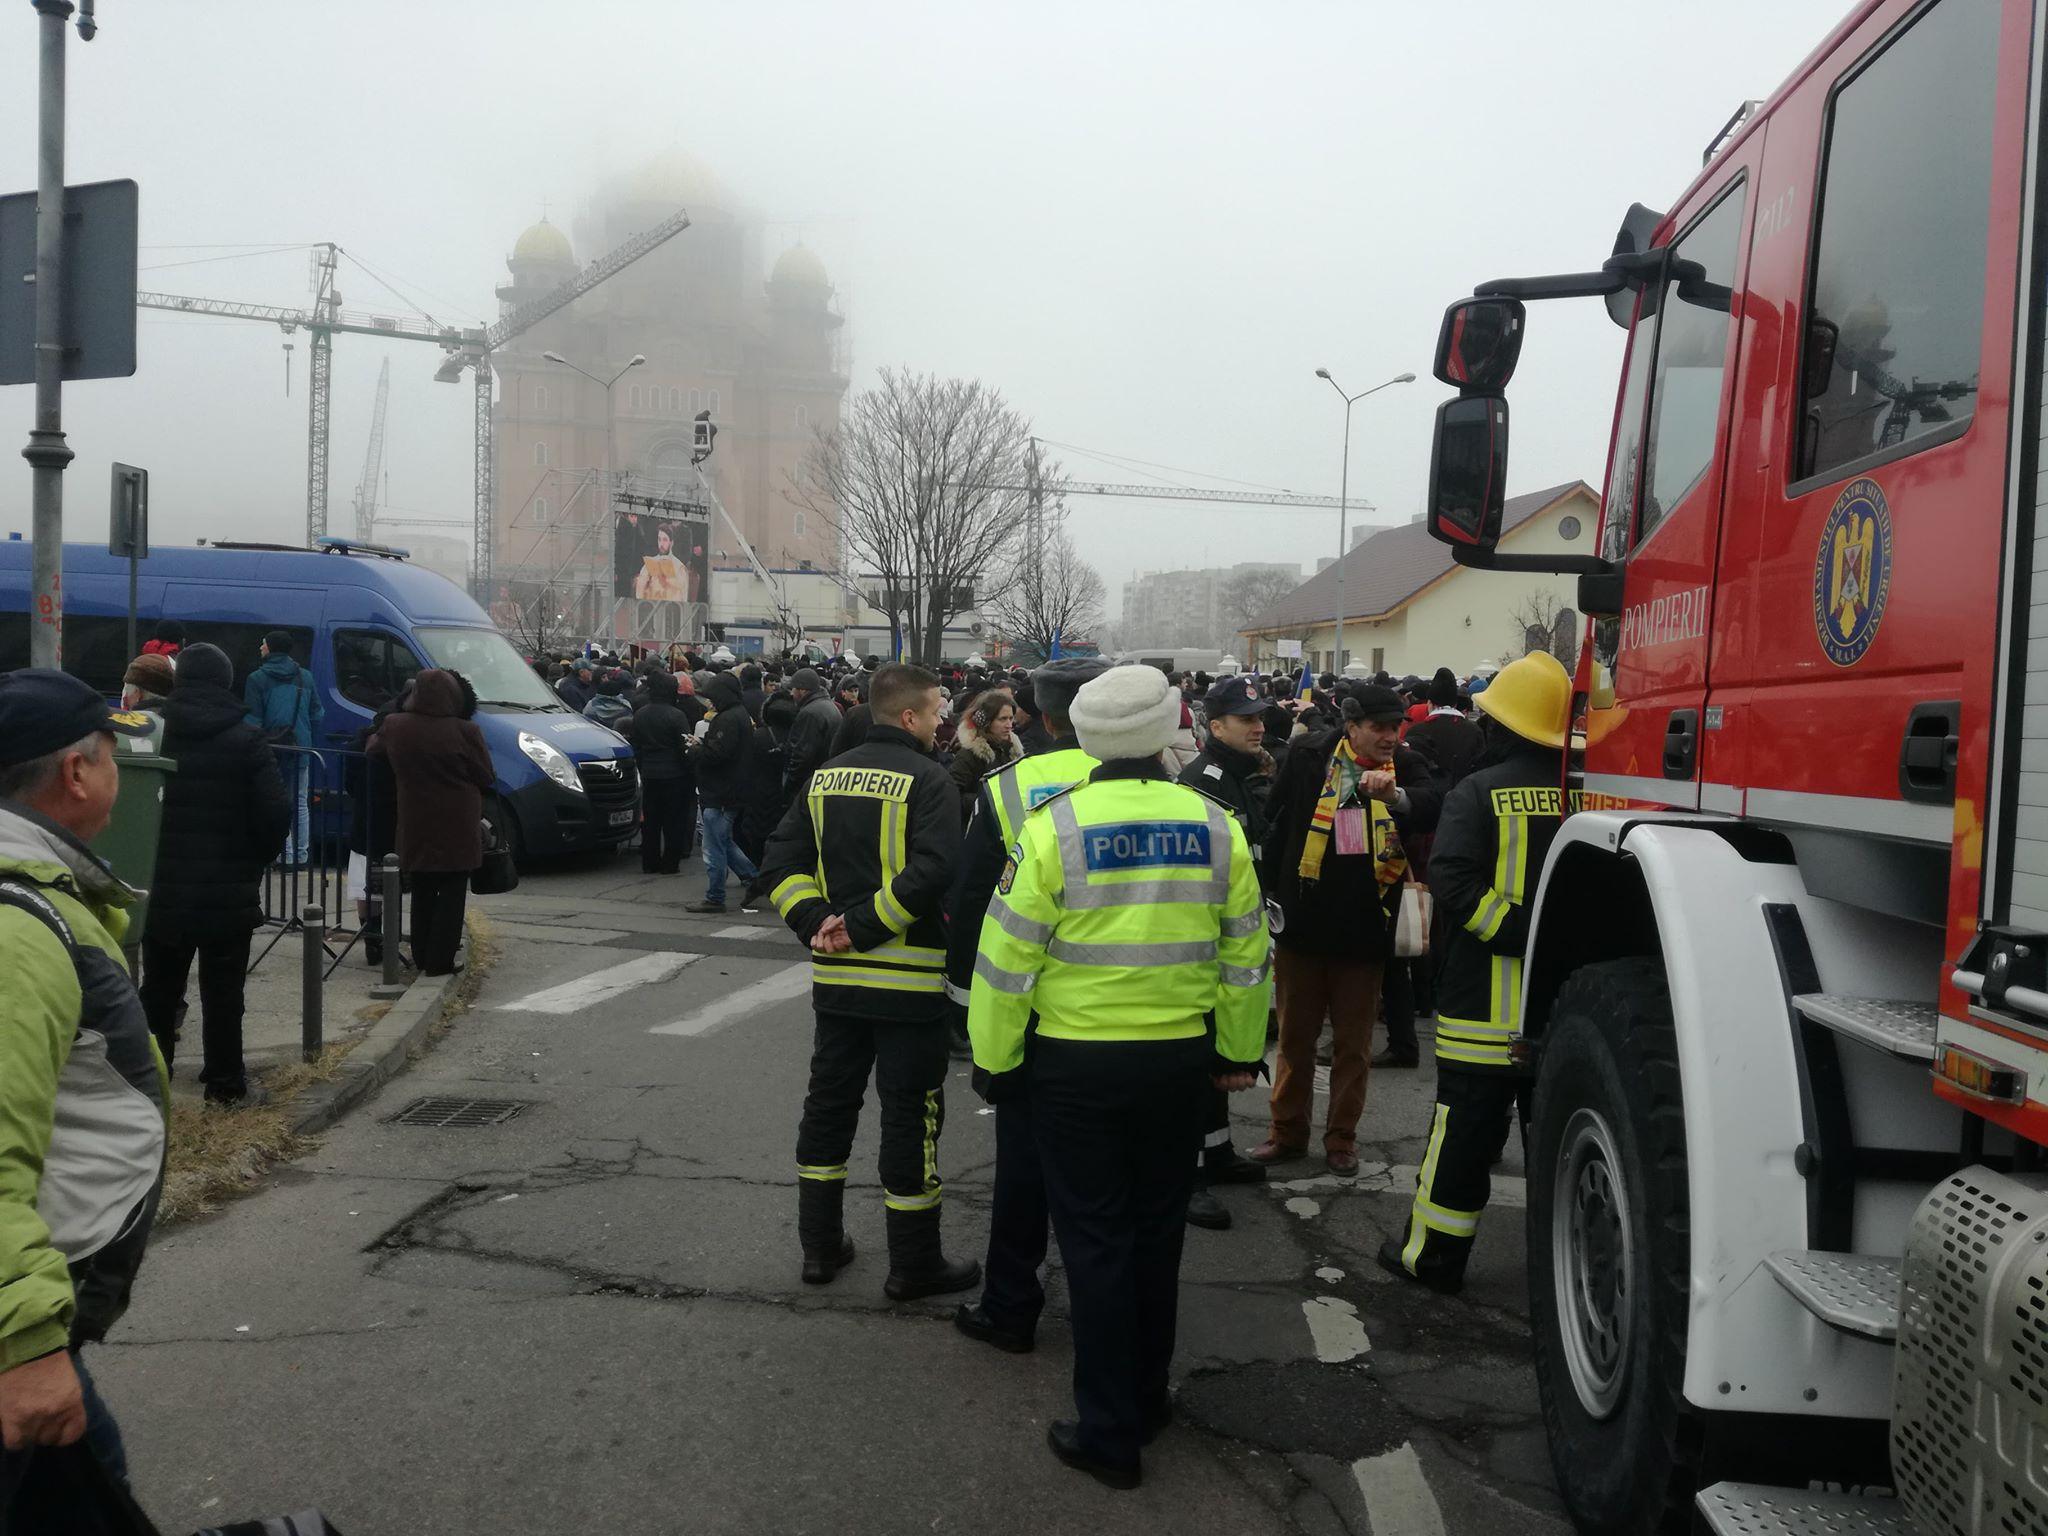 Primul bilanț al evenimentelor misiunii e la lăcașul sfânt a adus și episoade teribile. De la începutul desfășurării acțiunilor pentru sfințirea Catedralei Naționale, de la ora 08:00, până acum, echipajele de pompieri SMURD au acordat îngrijiri medicale la aproximativ 30 de oameni. Dintre aceștia, două persoane au fost transportate la spital. De asemenea, conform ISU București-Ilfov, situația cazurilor medicale este dinamică.